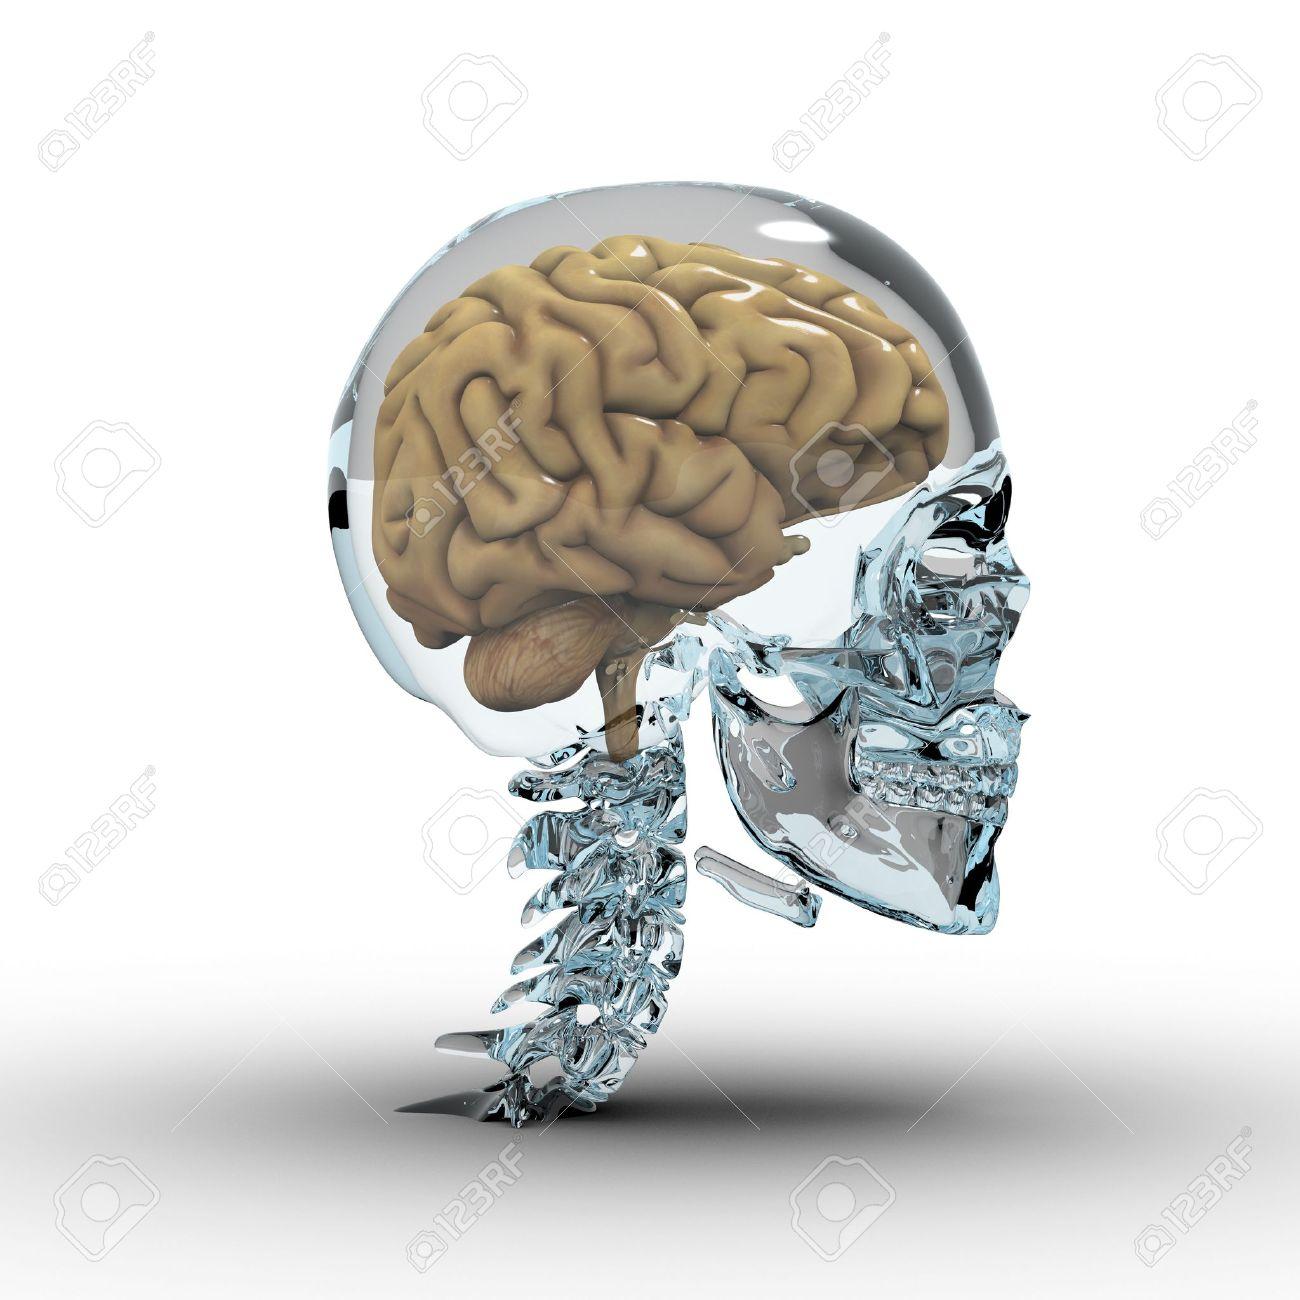 Glas-Schädel Mit Gehirn. Lizenzfreie Fotos, Bilder Und Stock ...